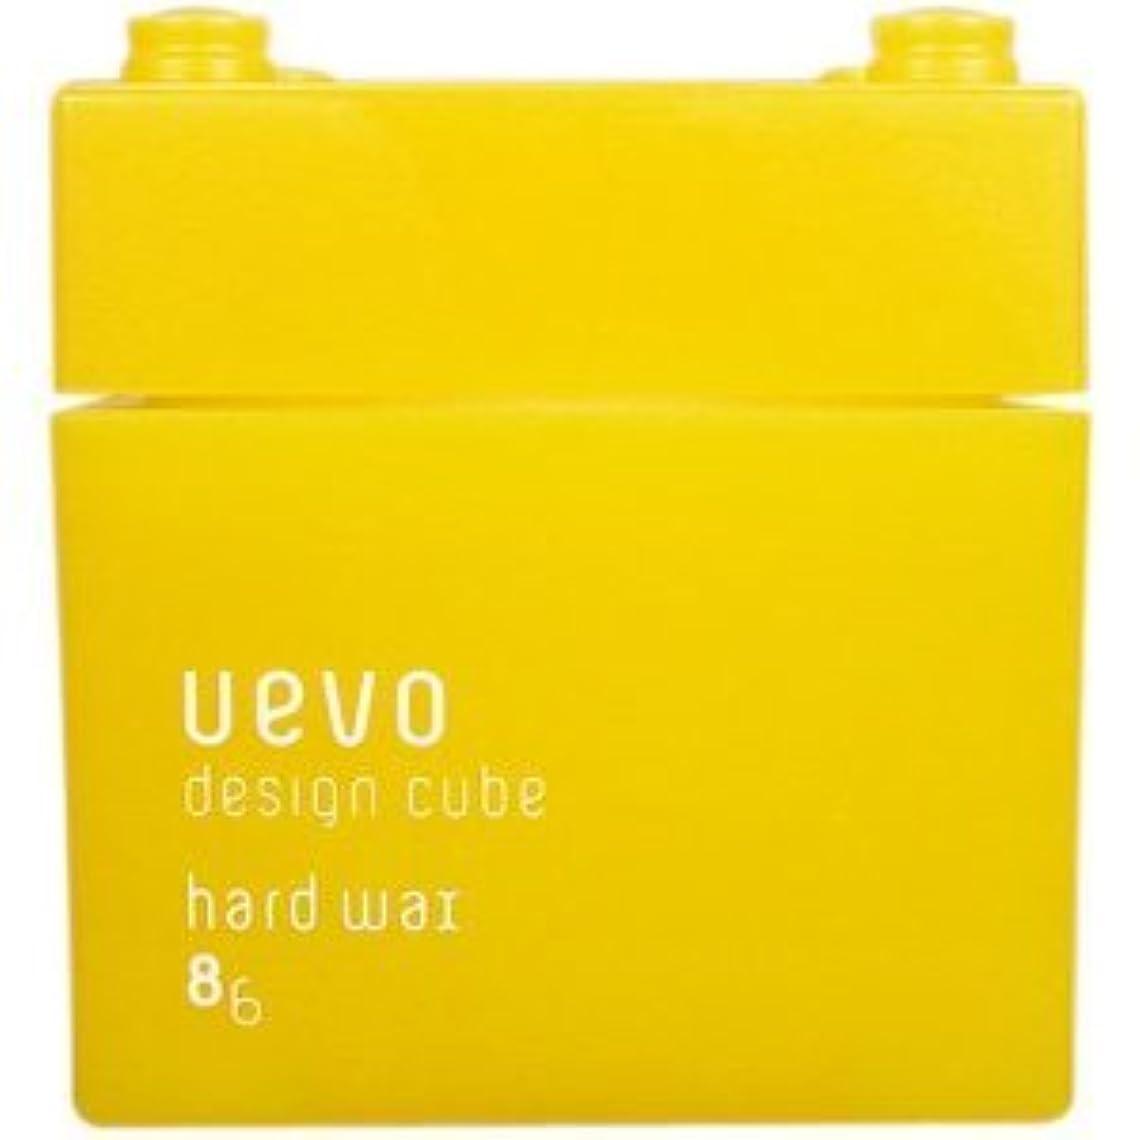 提案自動パターン【X3個セット】 デミ ウェーボ デザインキューブ ハードワックス 80g hard wax DEMI uevo design cube